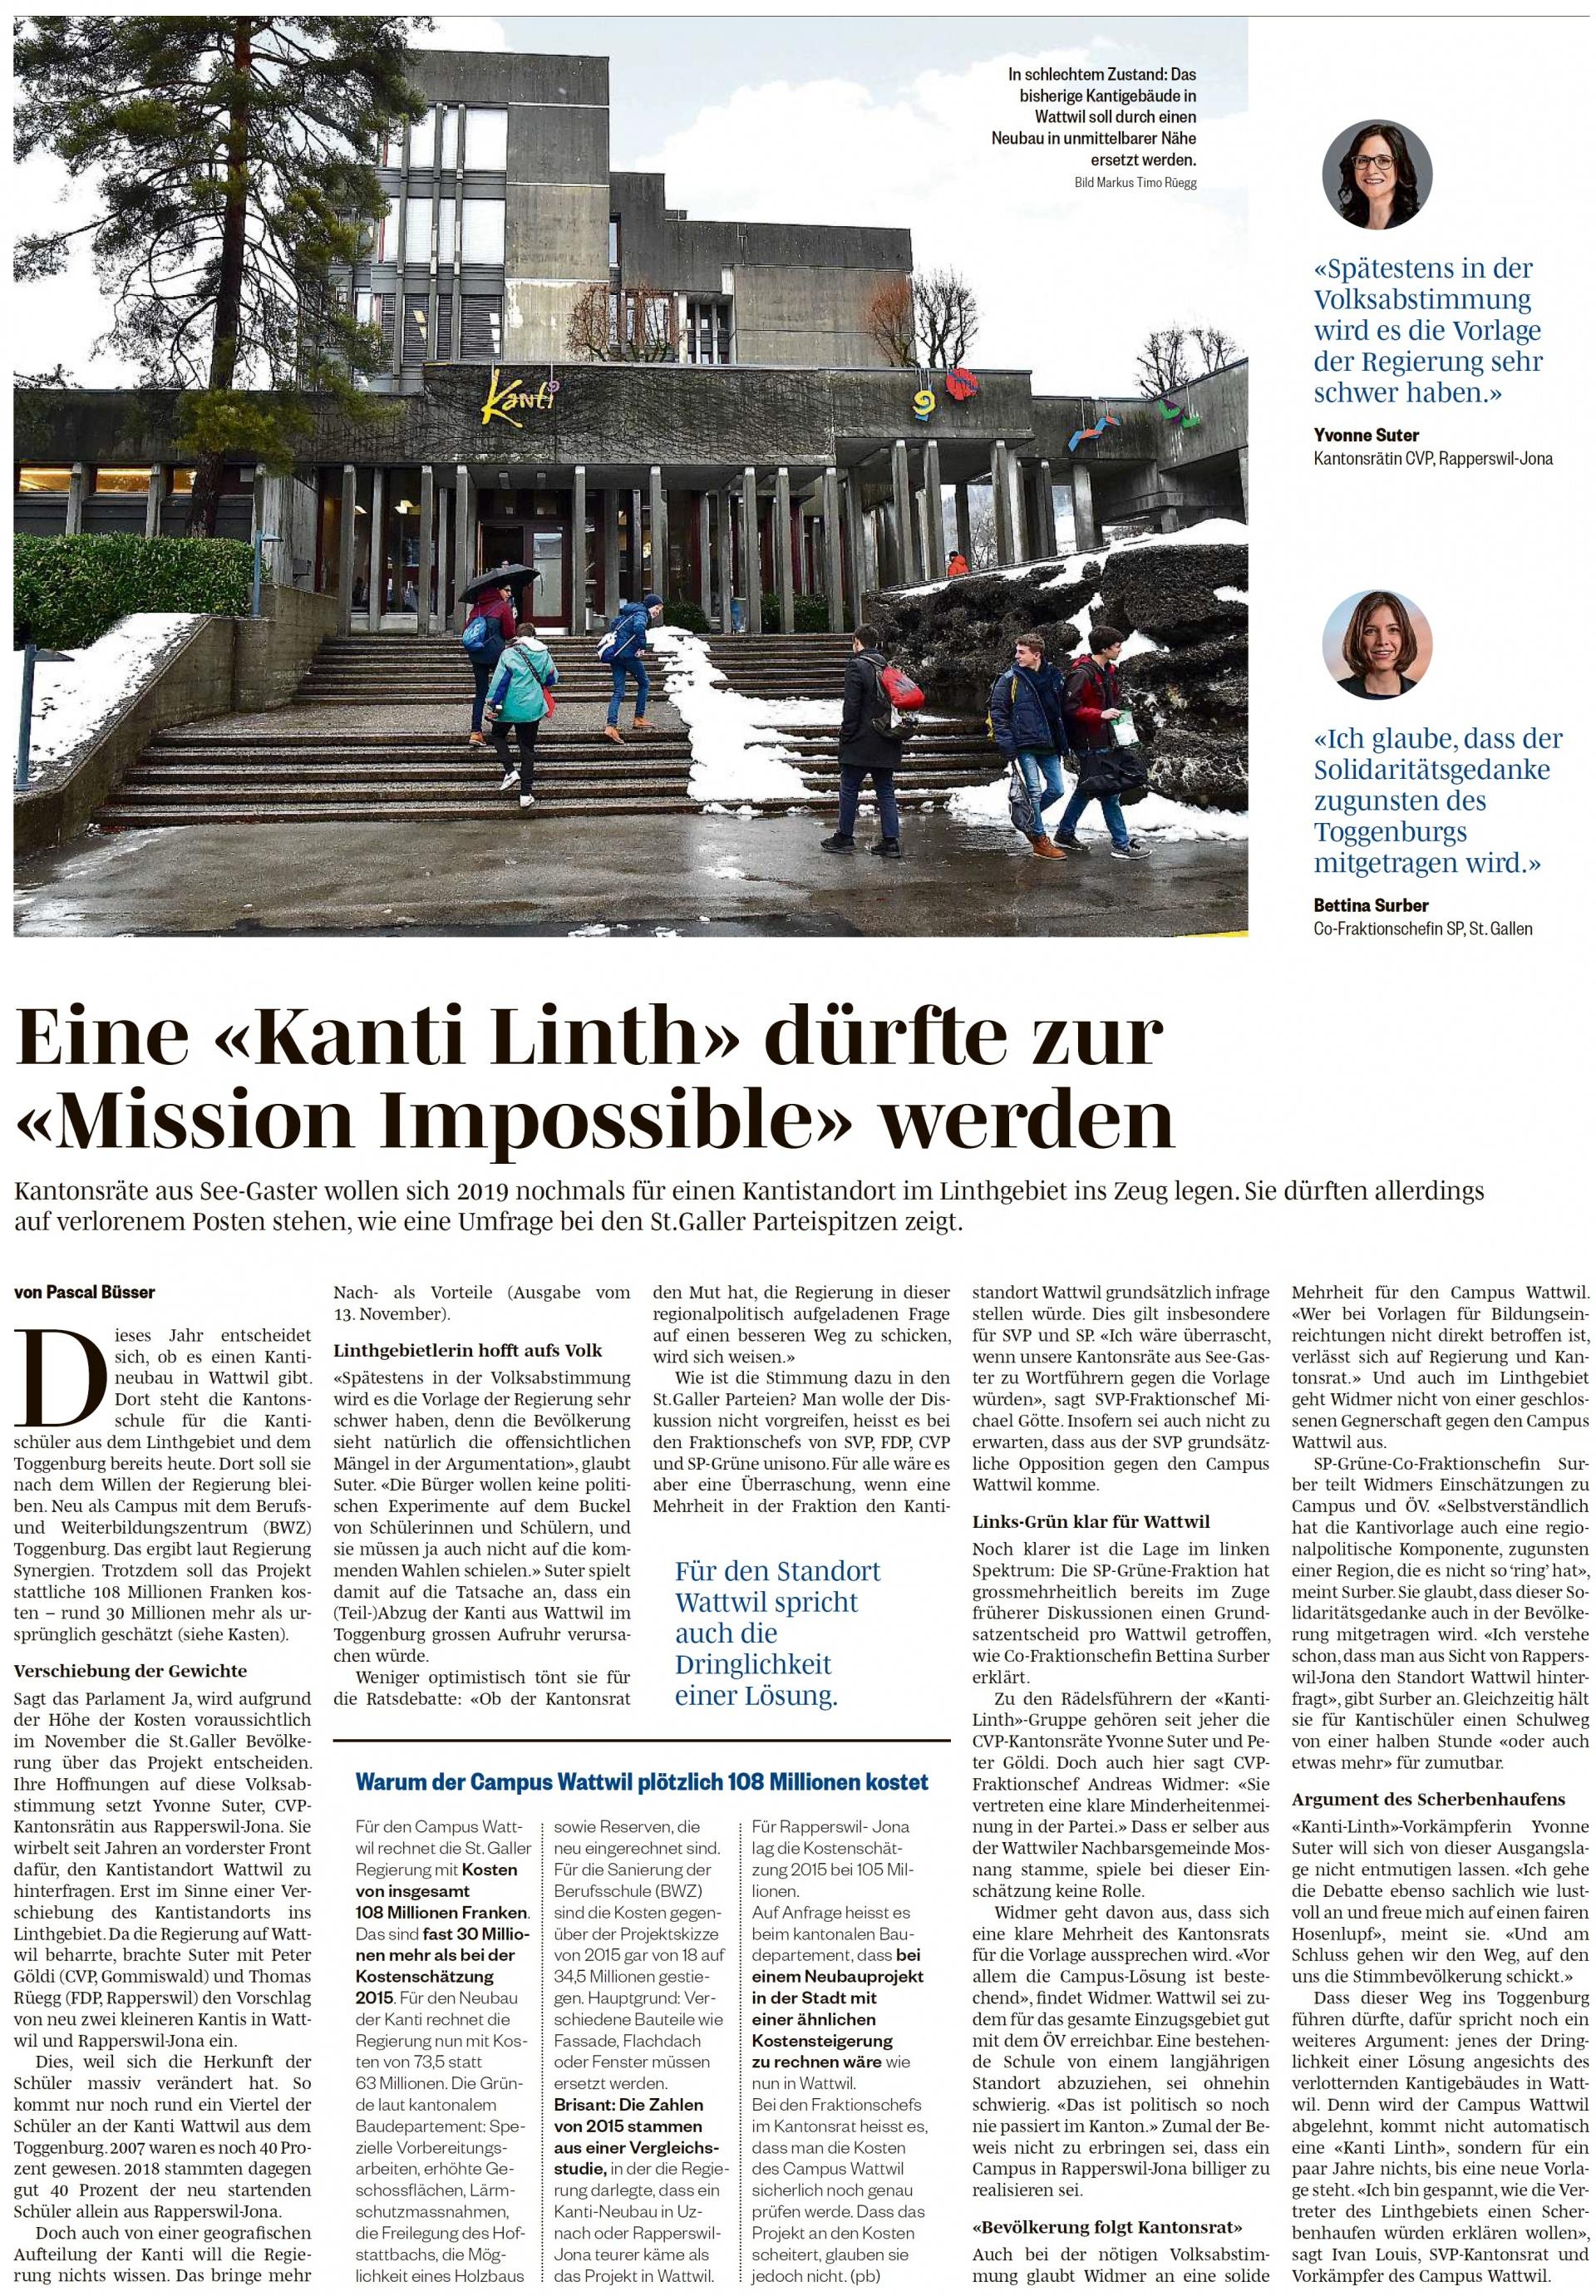 Eine «Kanti Linth» dürfte zur «Mission Impossible» werden (Mittwoch, 13.02.2019)